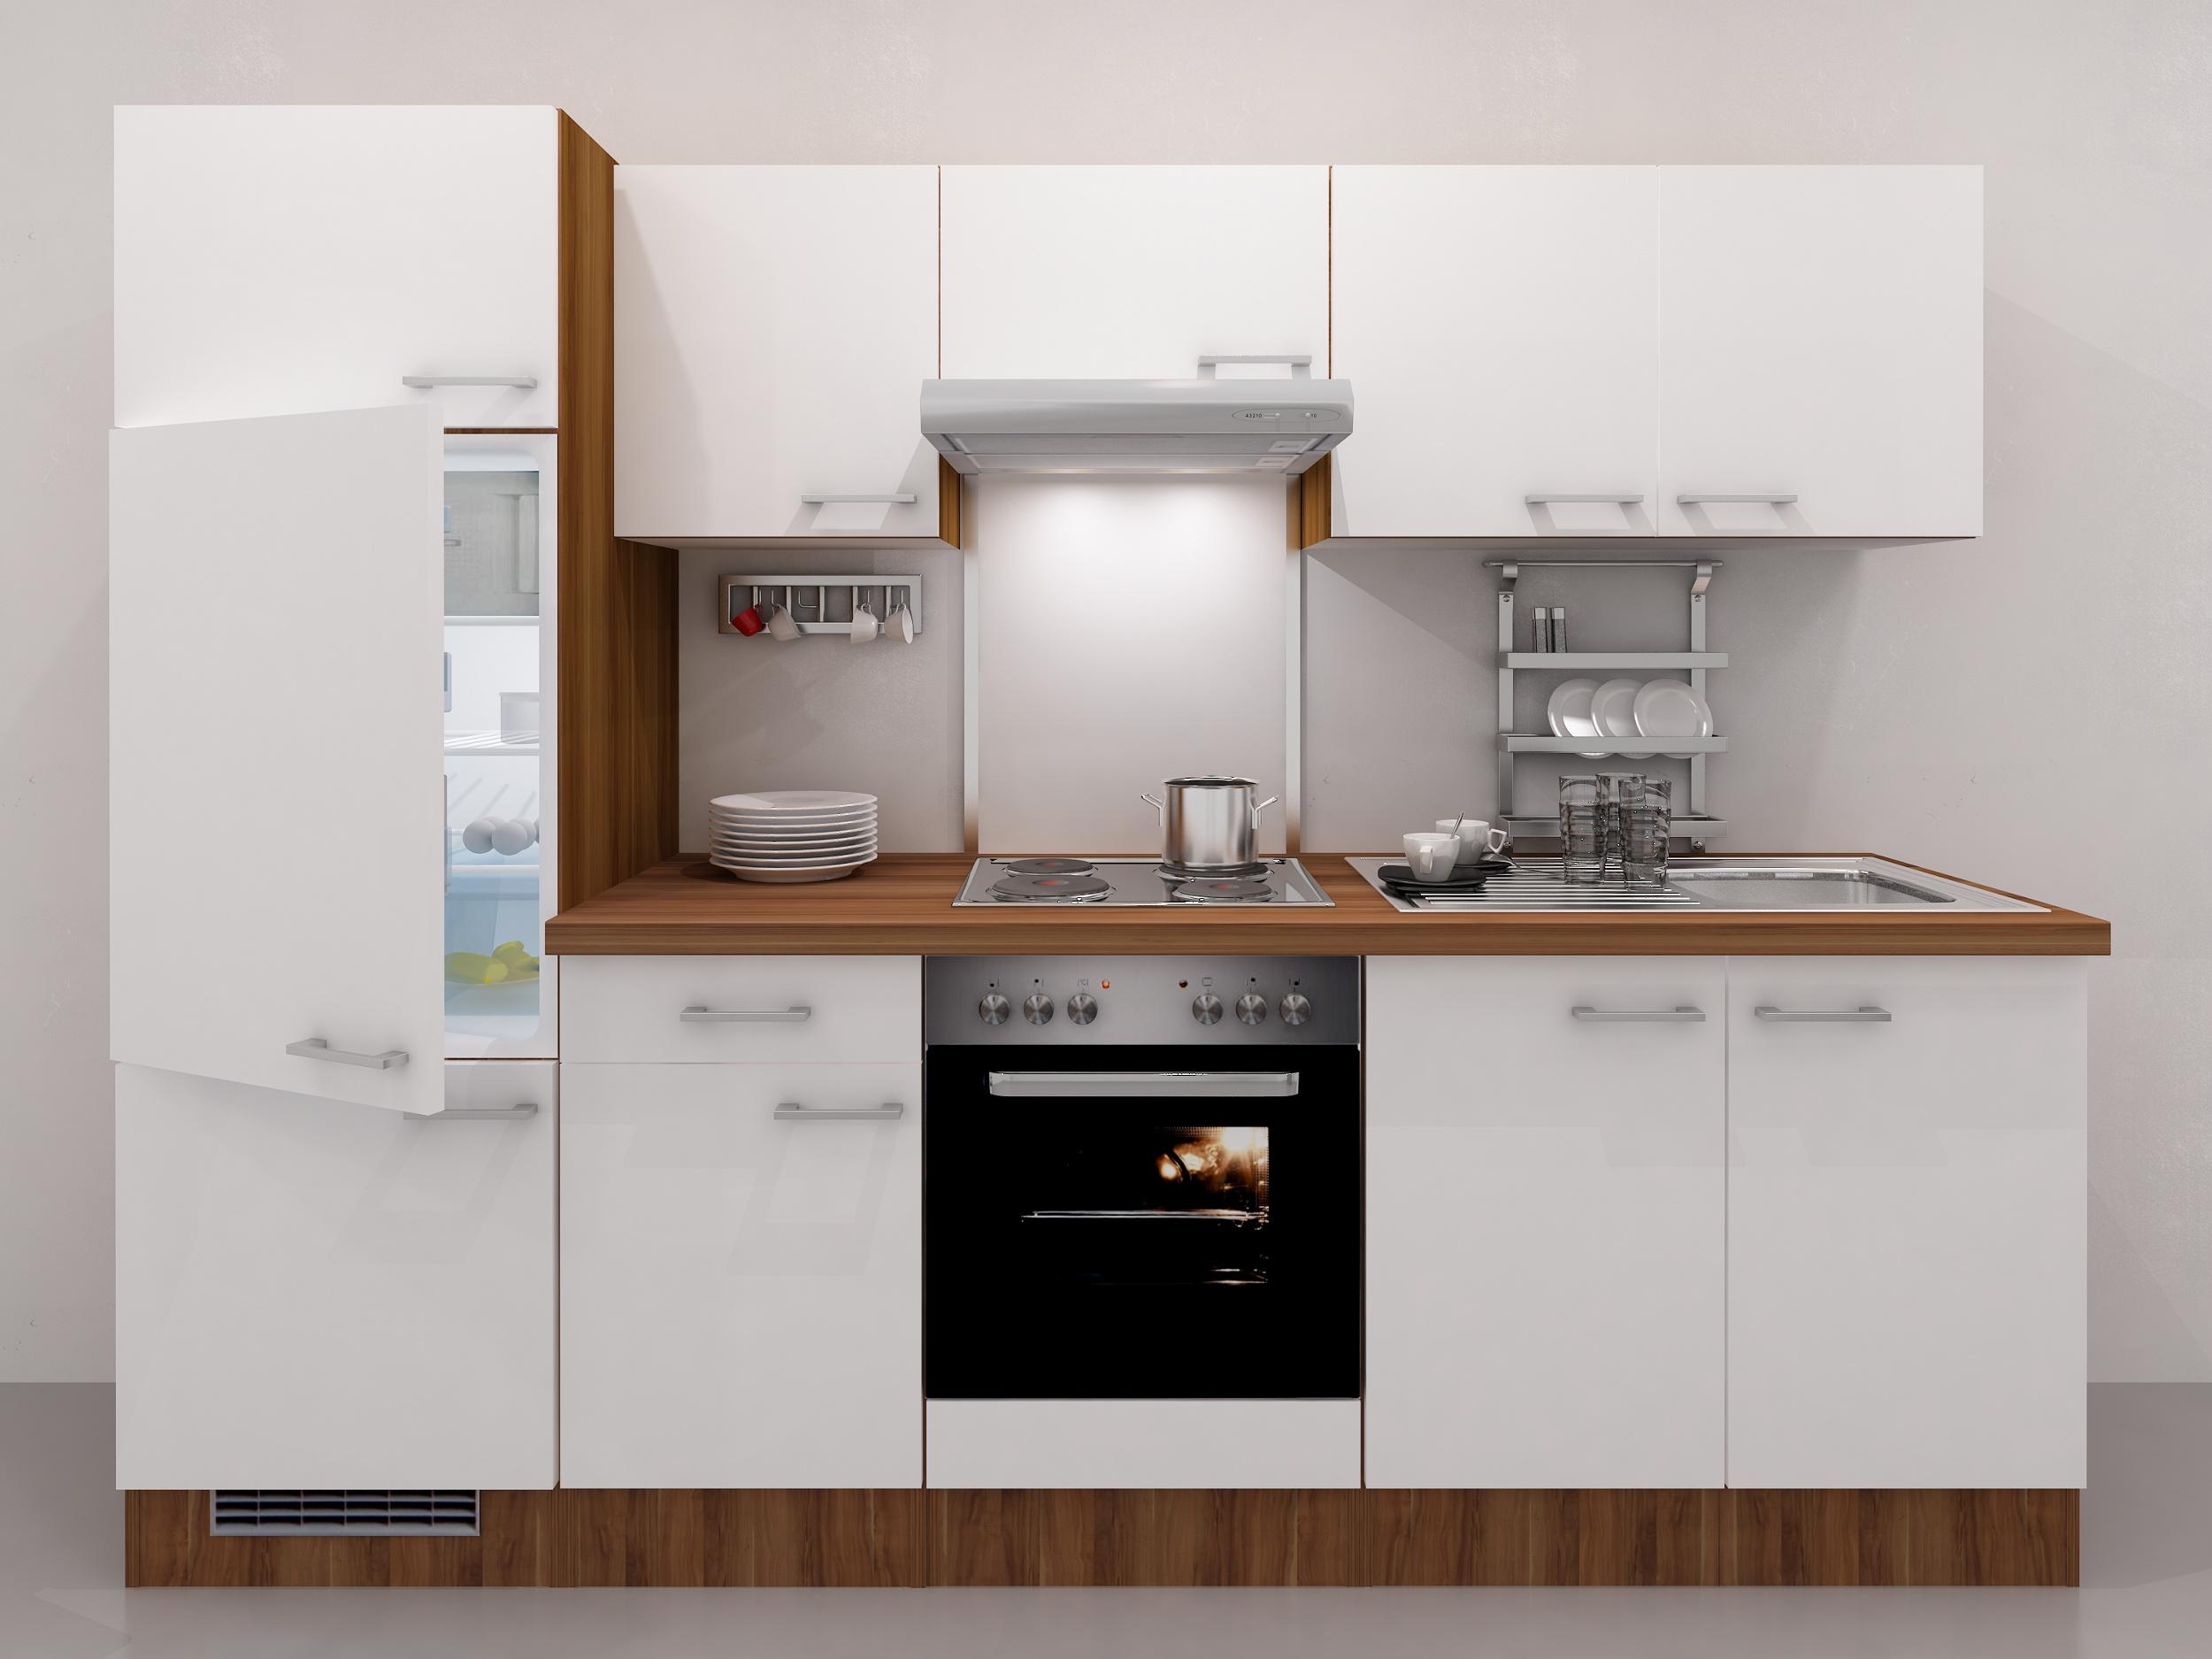 Küchen Unterschrank COSMO 1 türig 30 cm breit